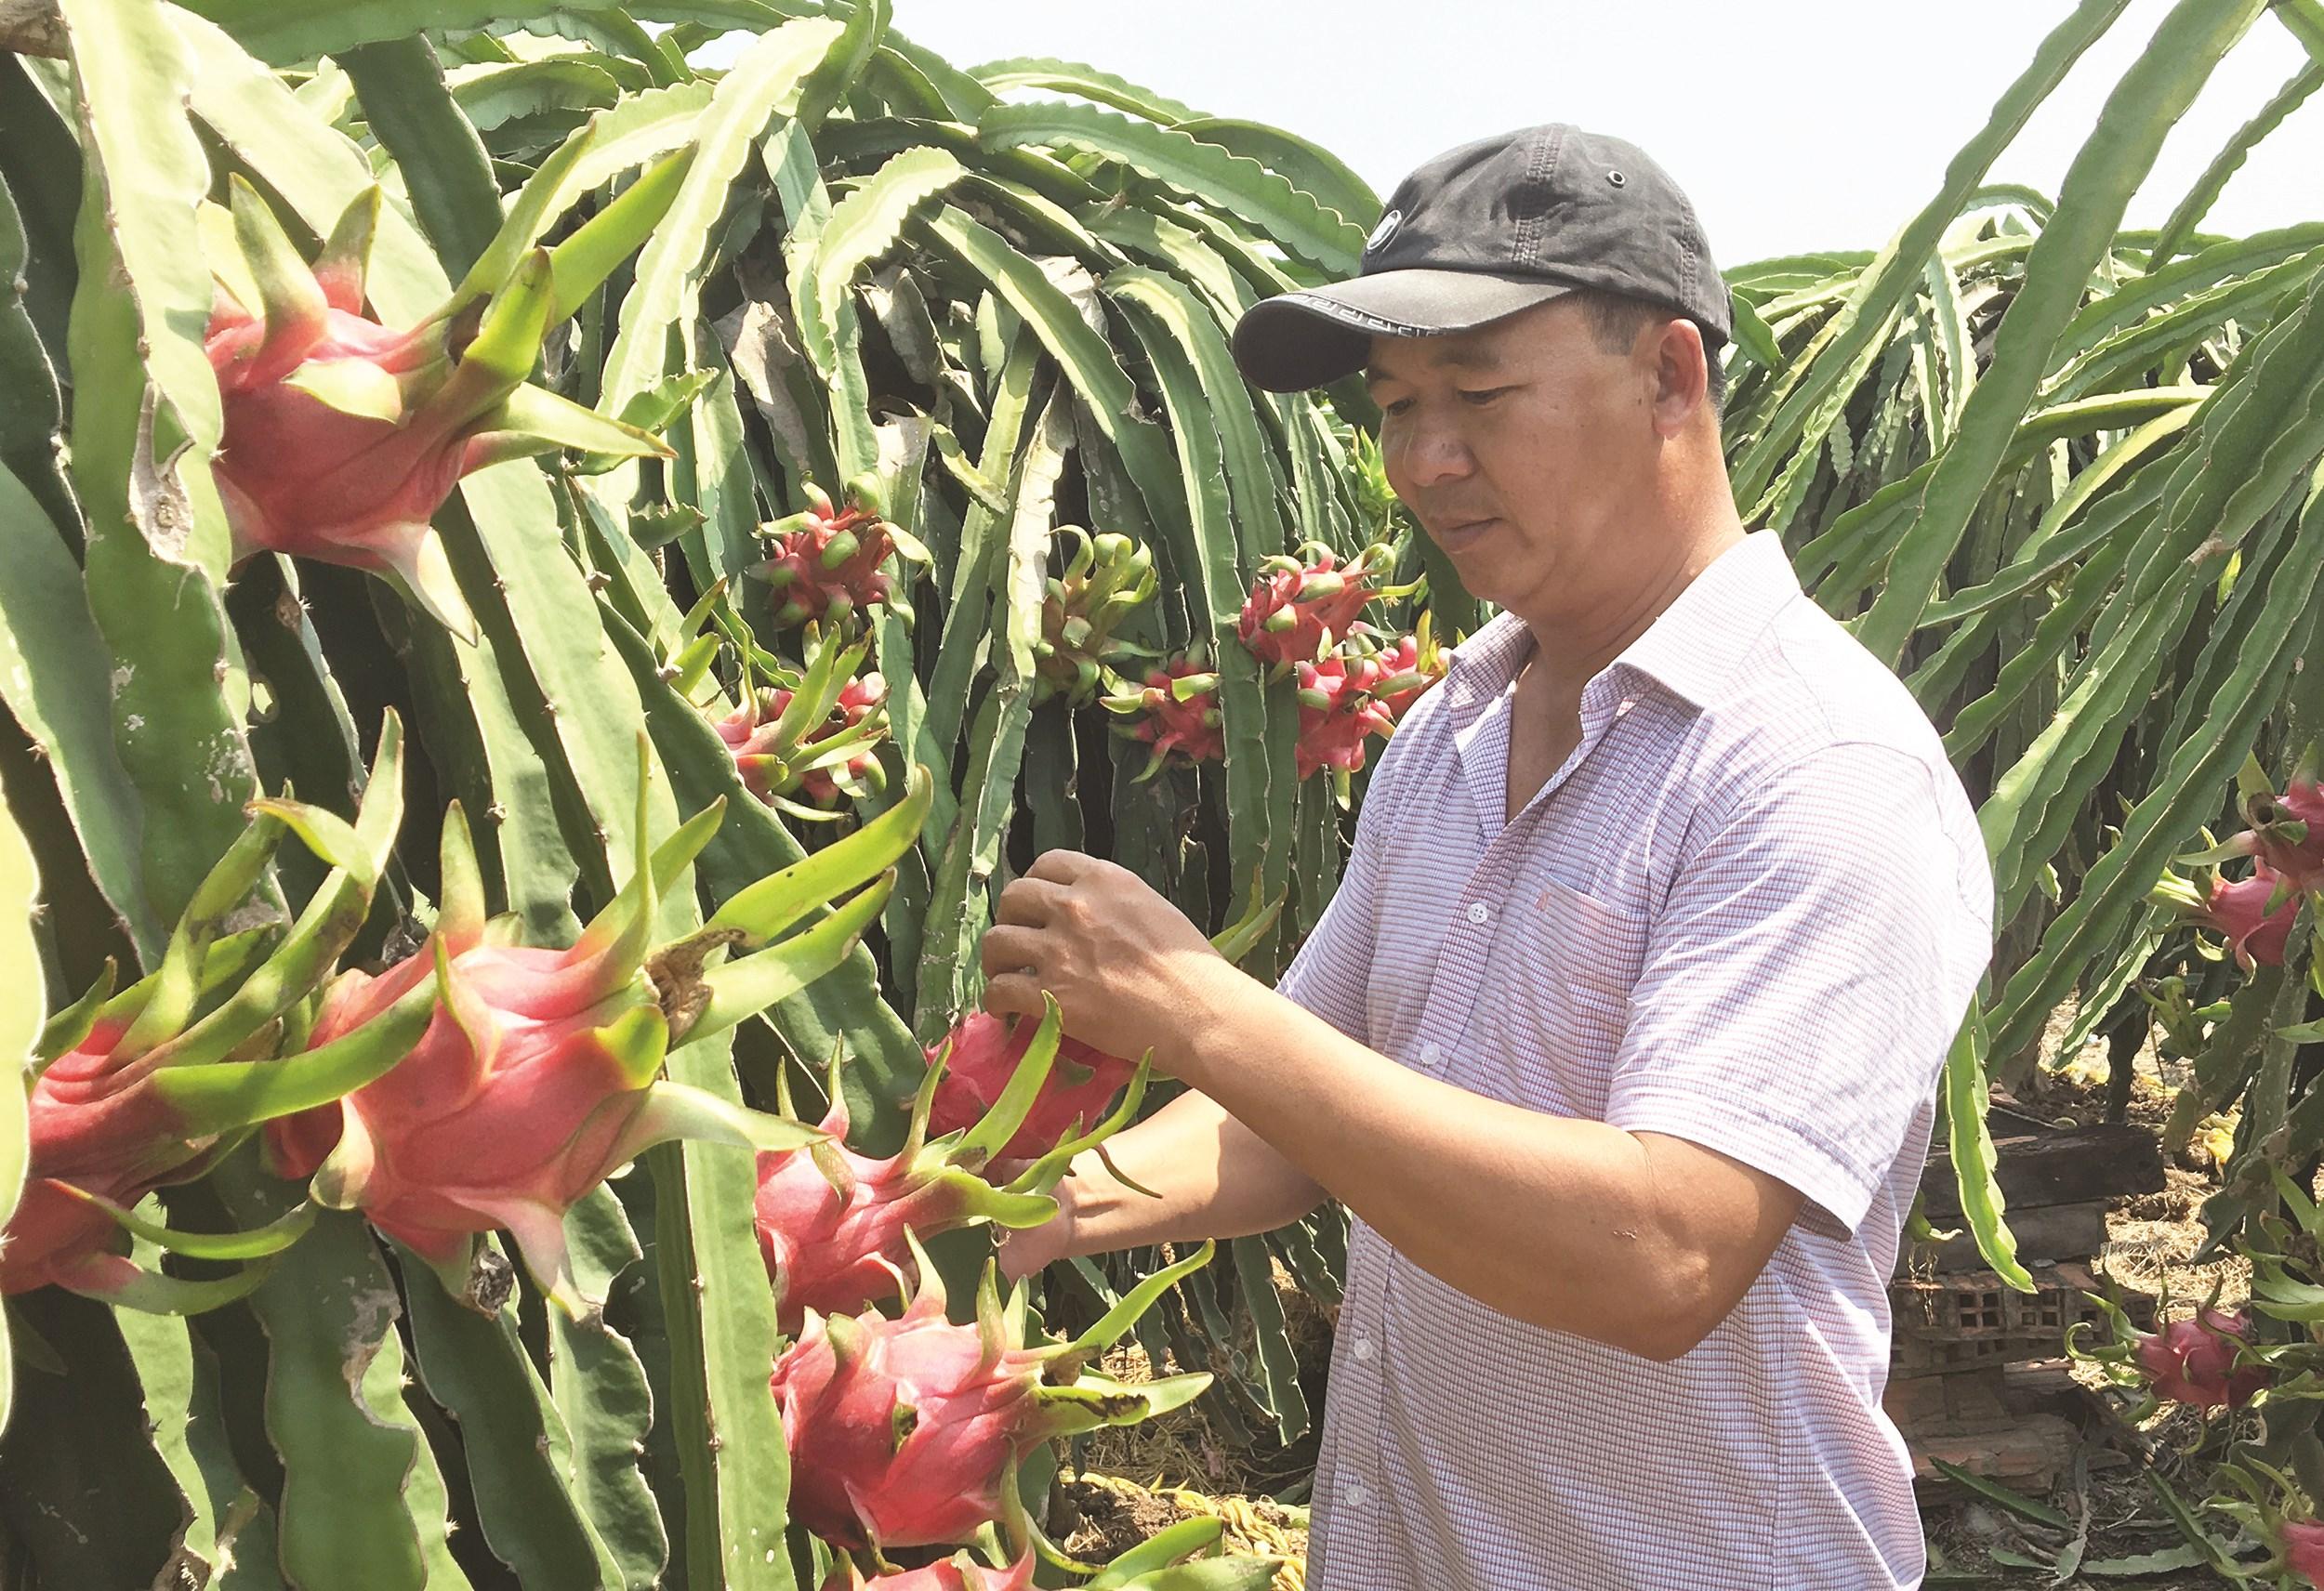 Sau khi rớt giá, những ngày gần đây, giá thanh long bất ngờ tăng giá khiến người nông dân nửa mừng nửa lo